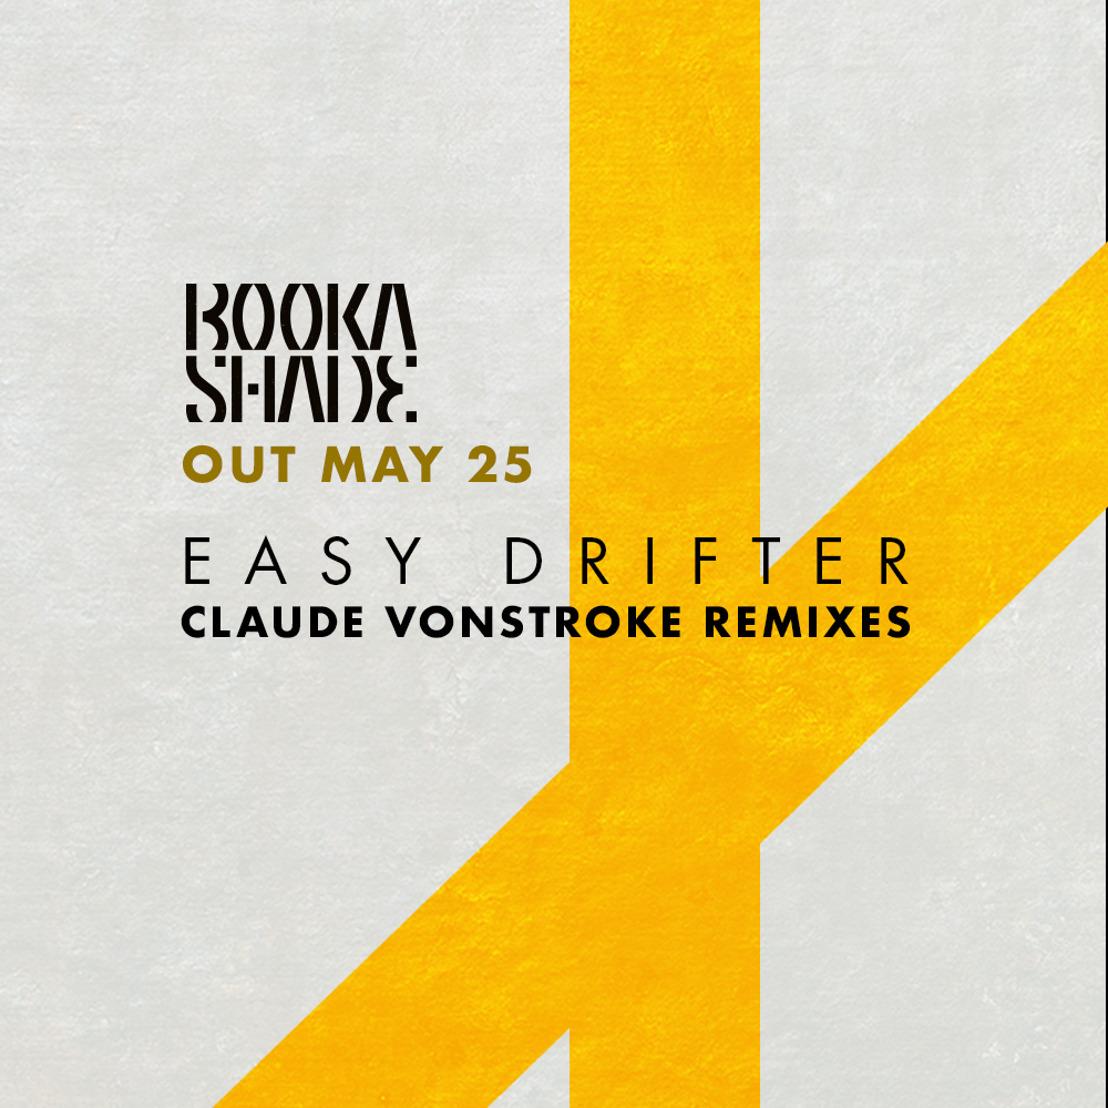 Claude VonStroke Remixes Booka Shade's 'Easy Drifter'